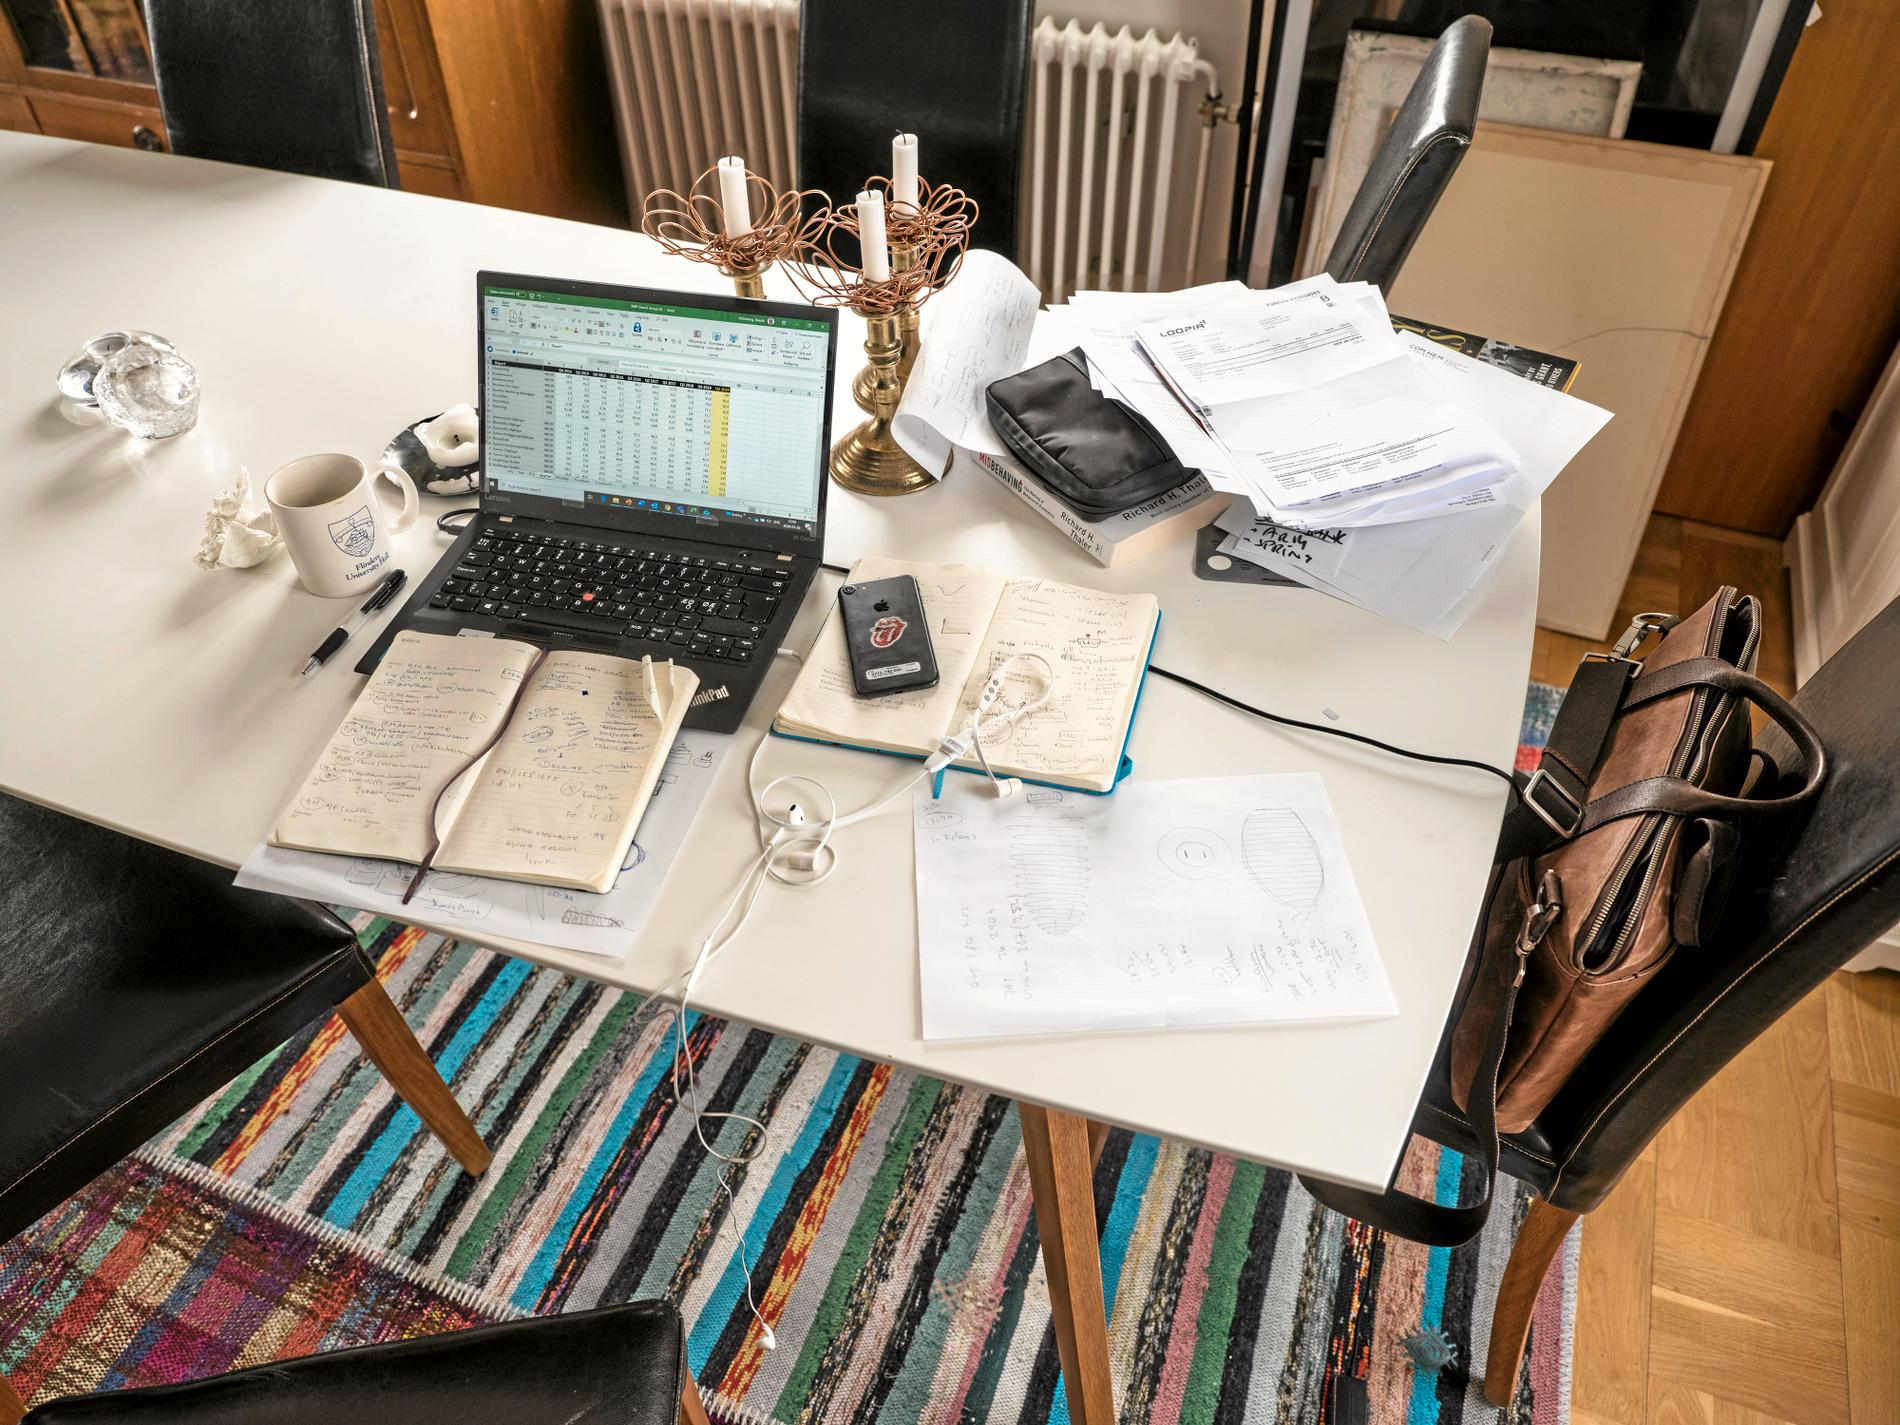 """Skulle detta experimentet med """"remote work"""" under coronakrisen falla väl ut, så skulle hemmet paradoxalt nog öka i personligt värde, skriver Båge."""